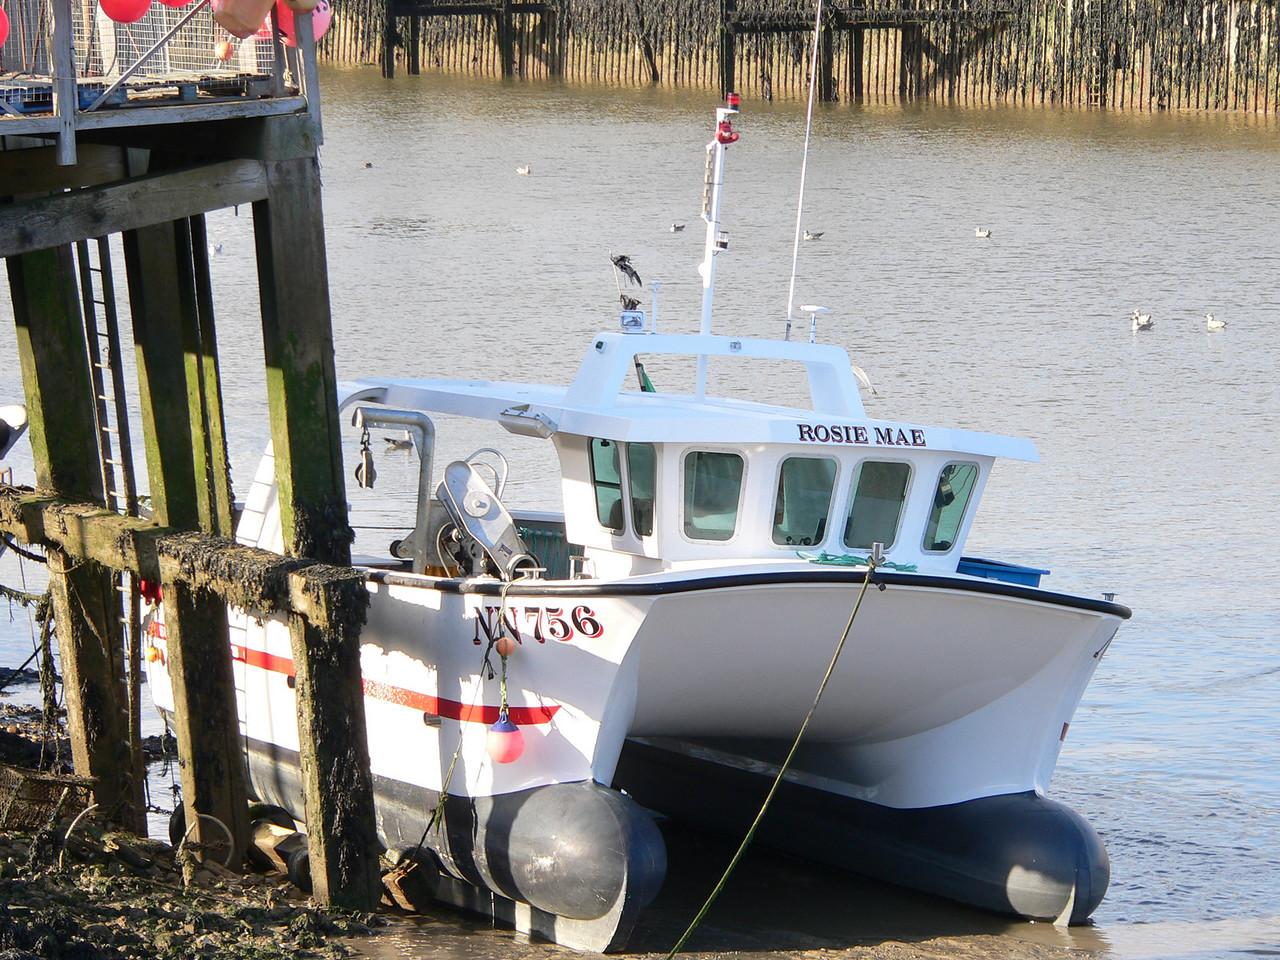 ROSIE MAE, NN-756(Newhaven), Newhaven July 2007